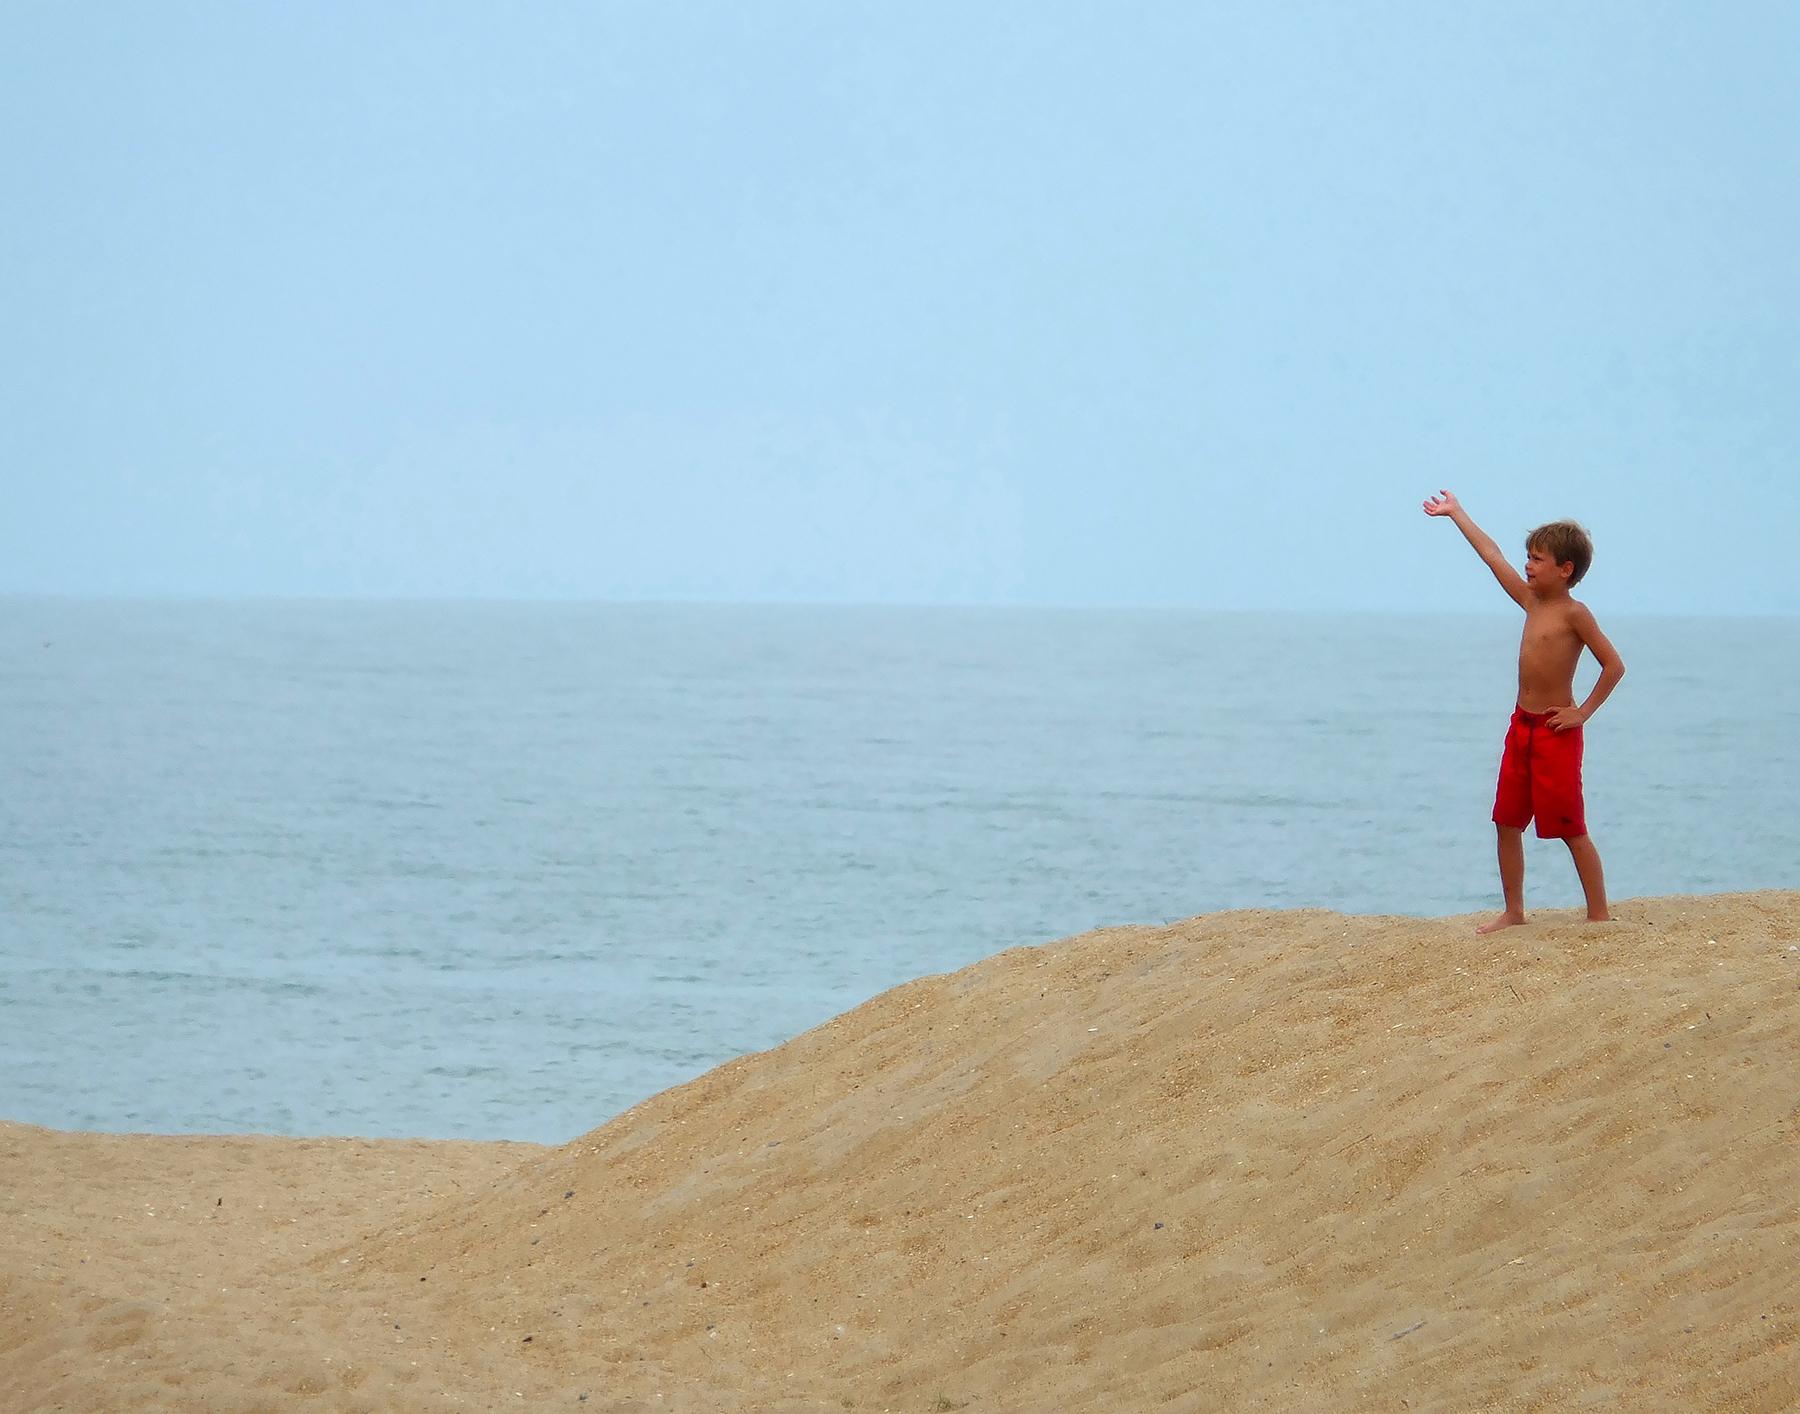 Angela_P_Schapiro_Beach Boy.jpg.jpg